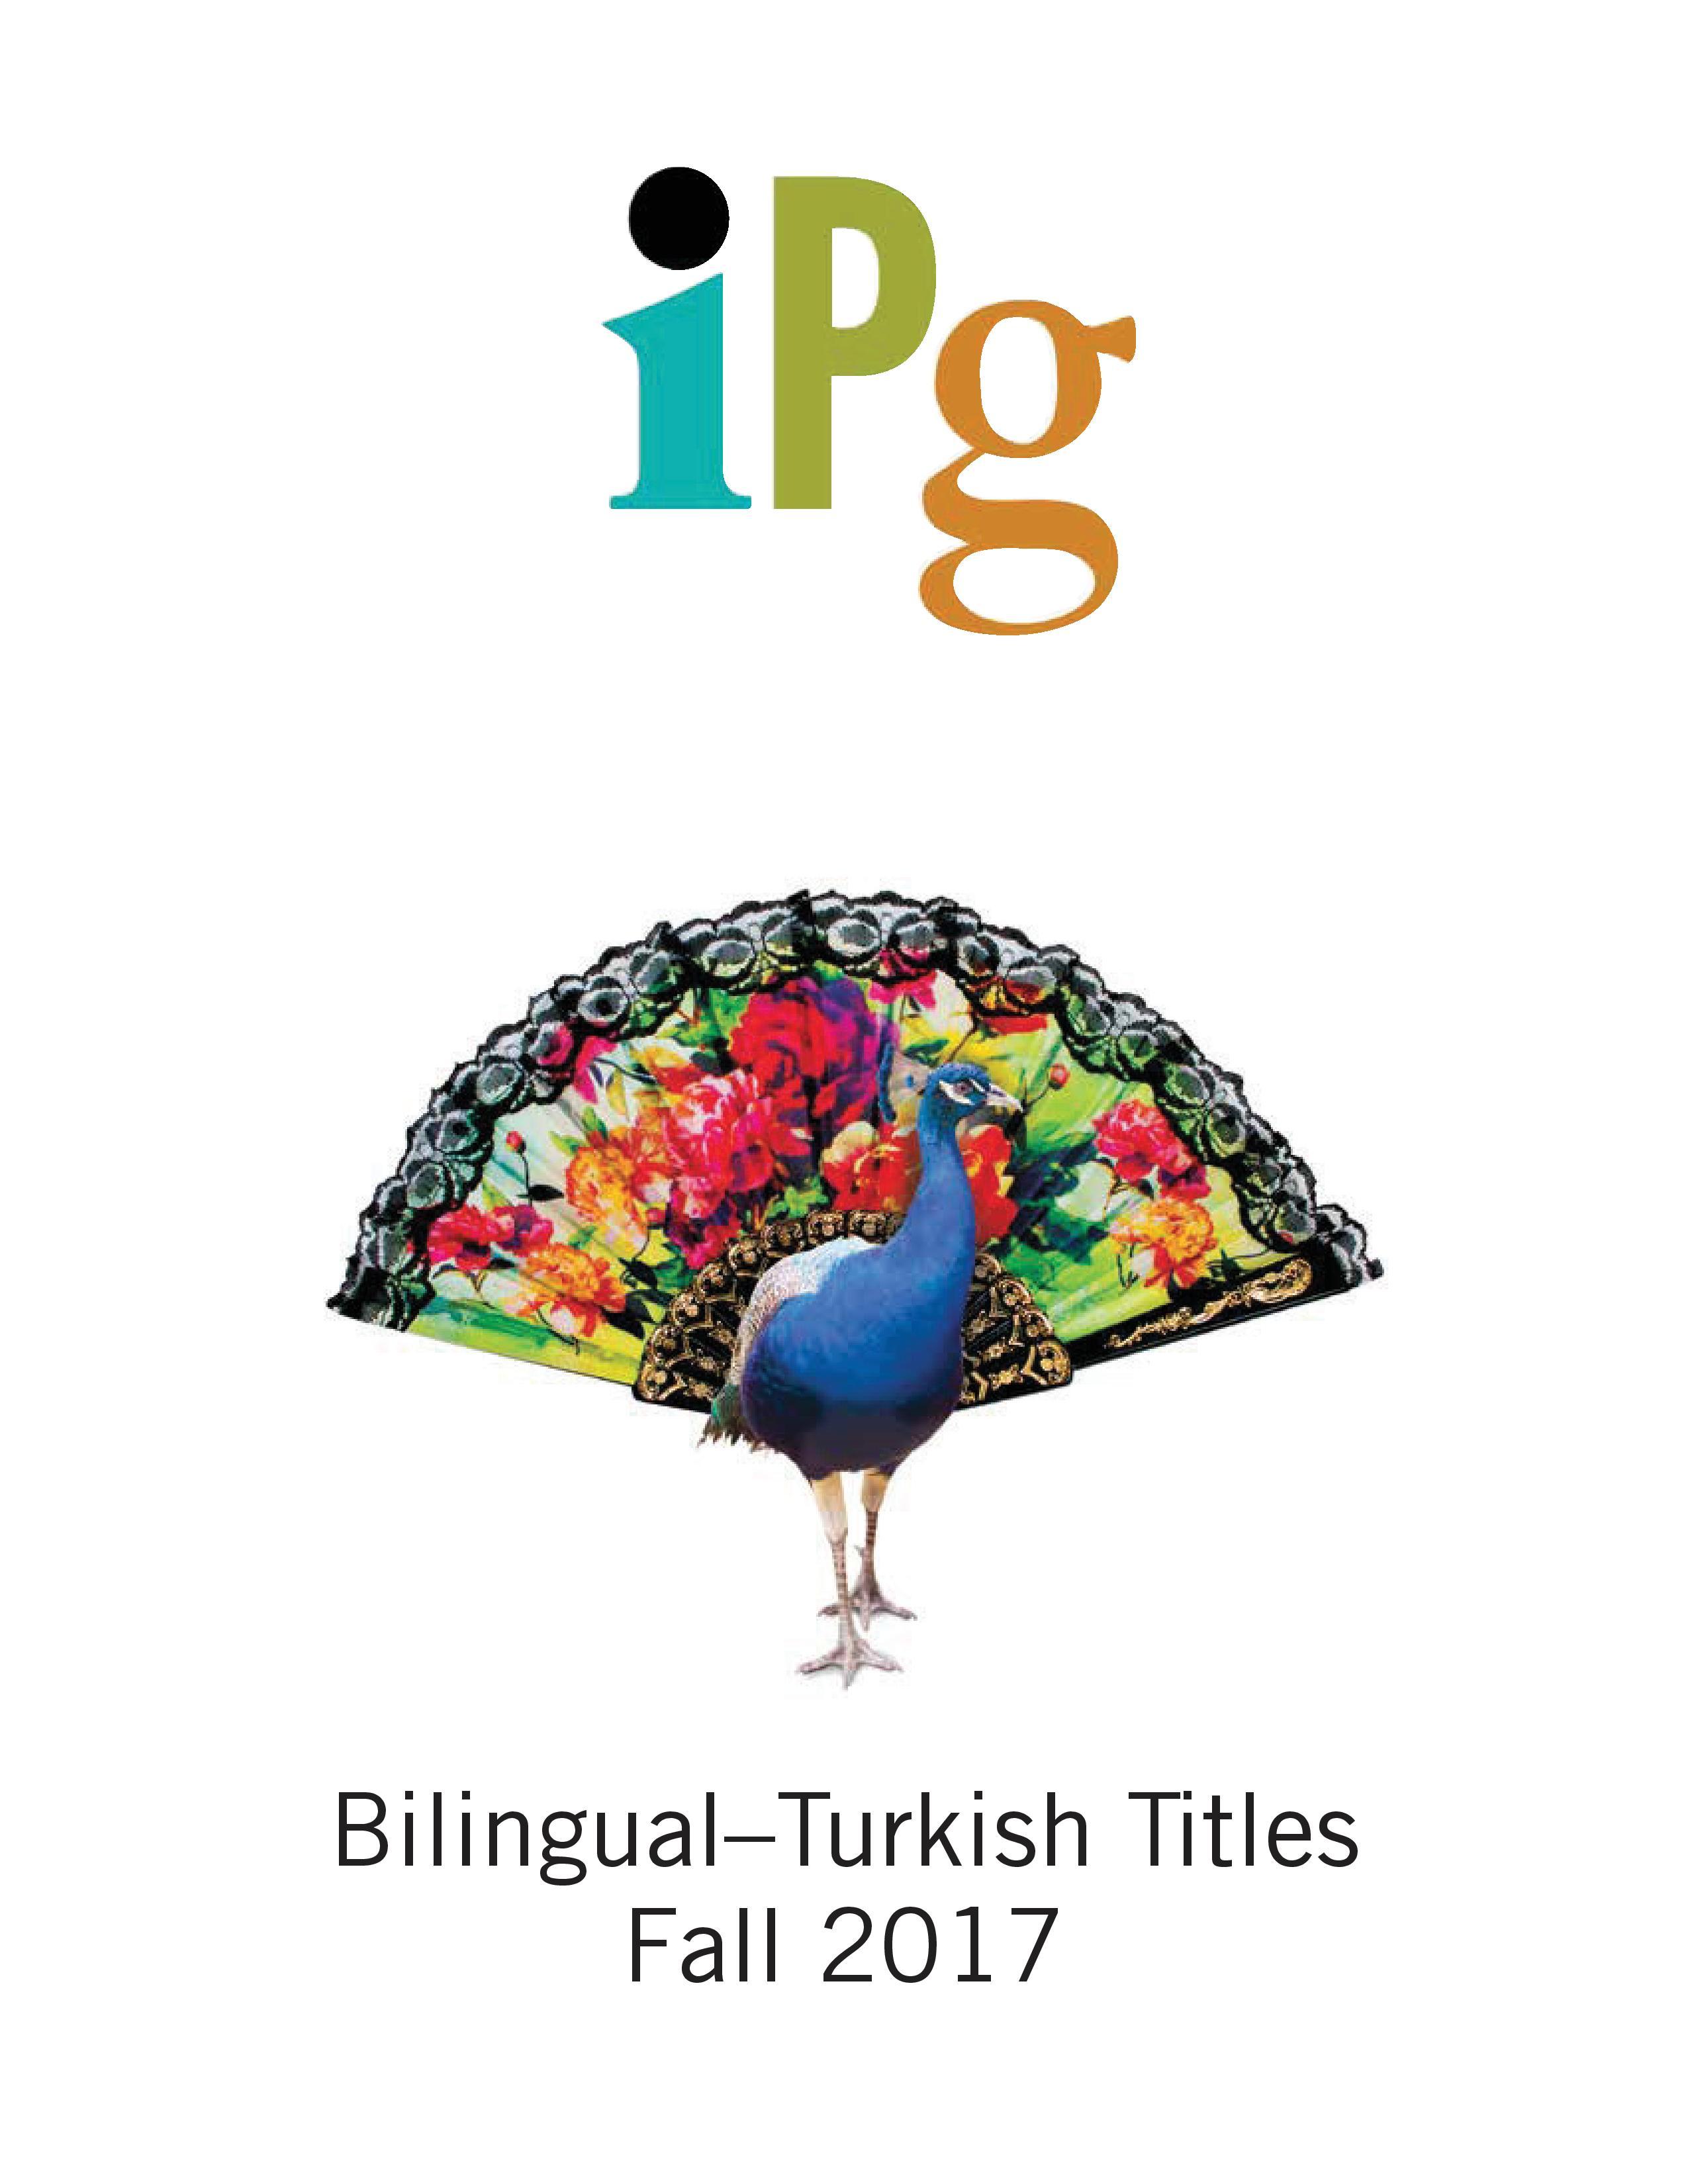 Bilingual Turkish Titles